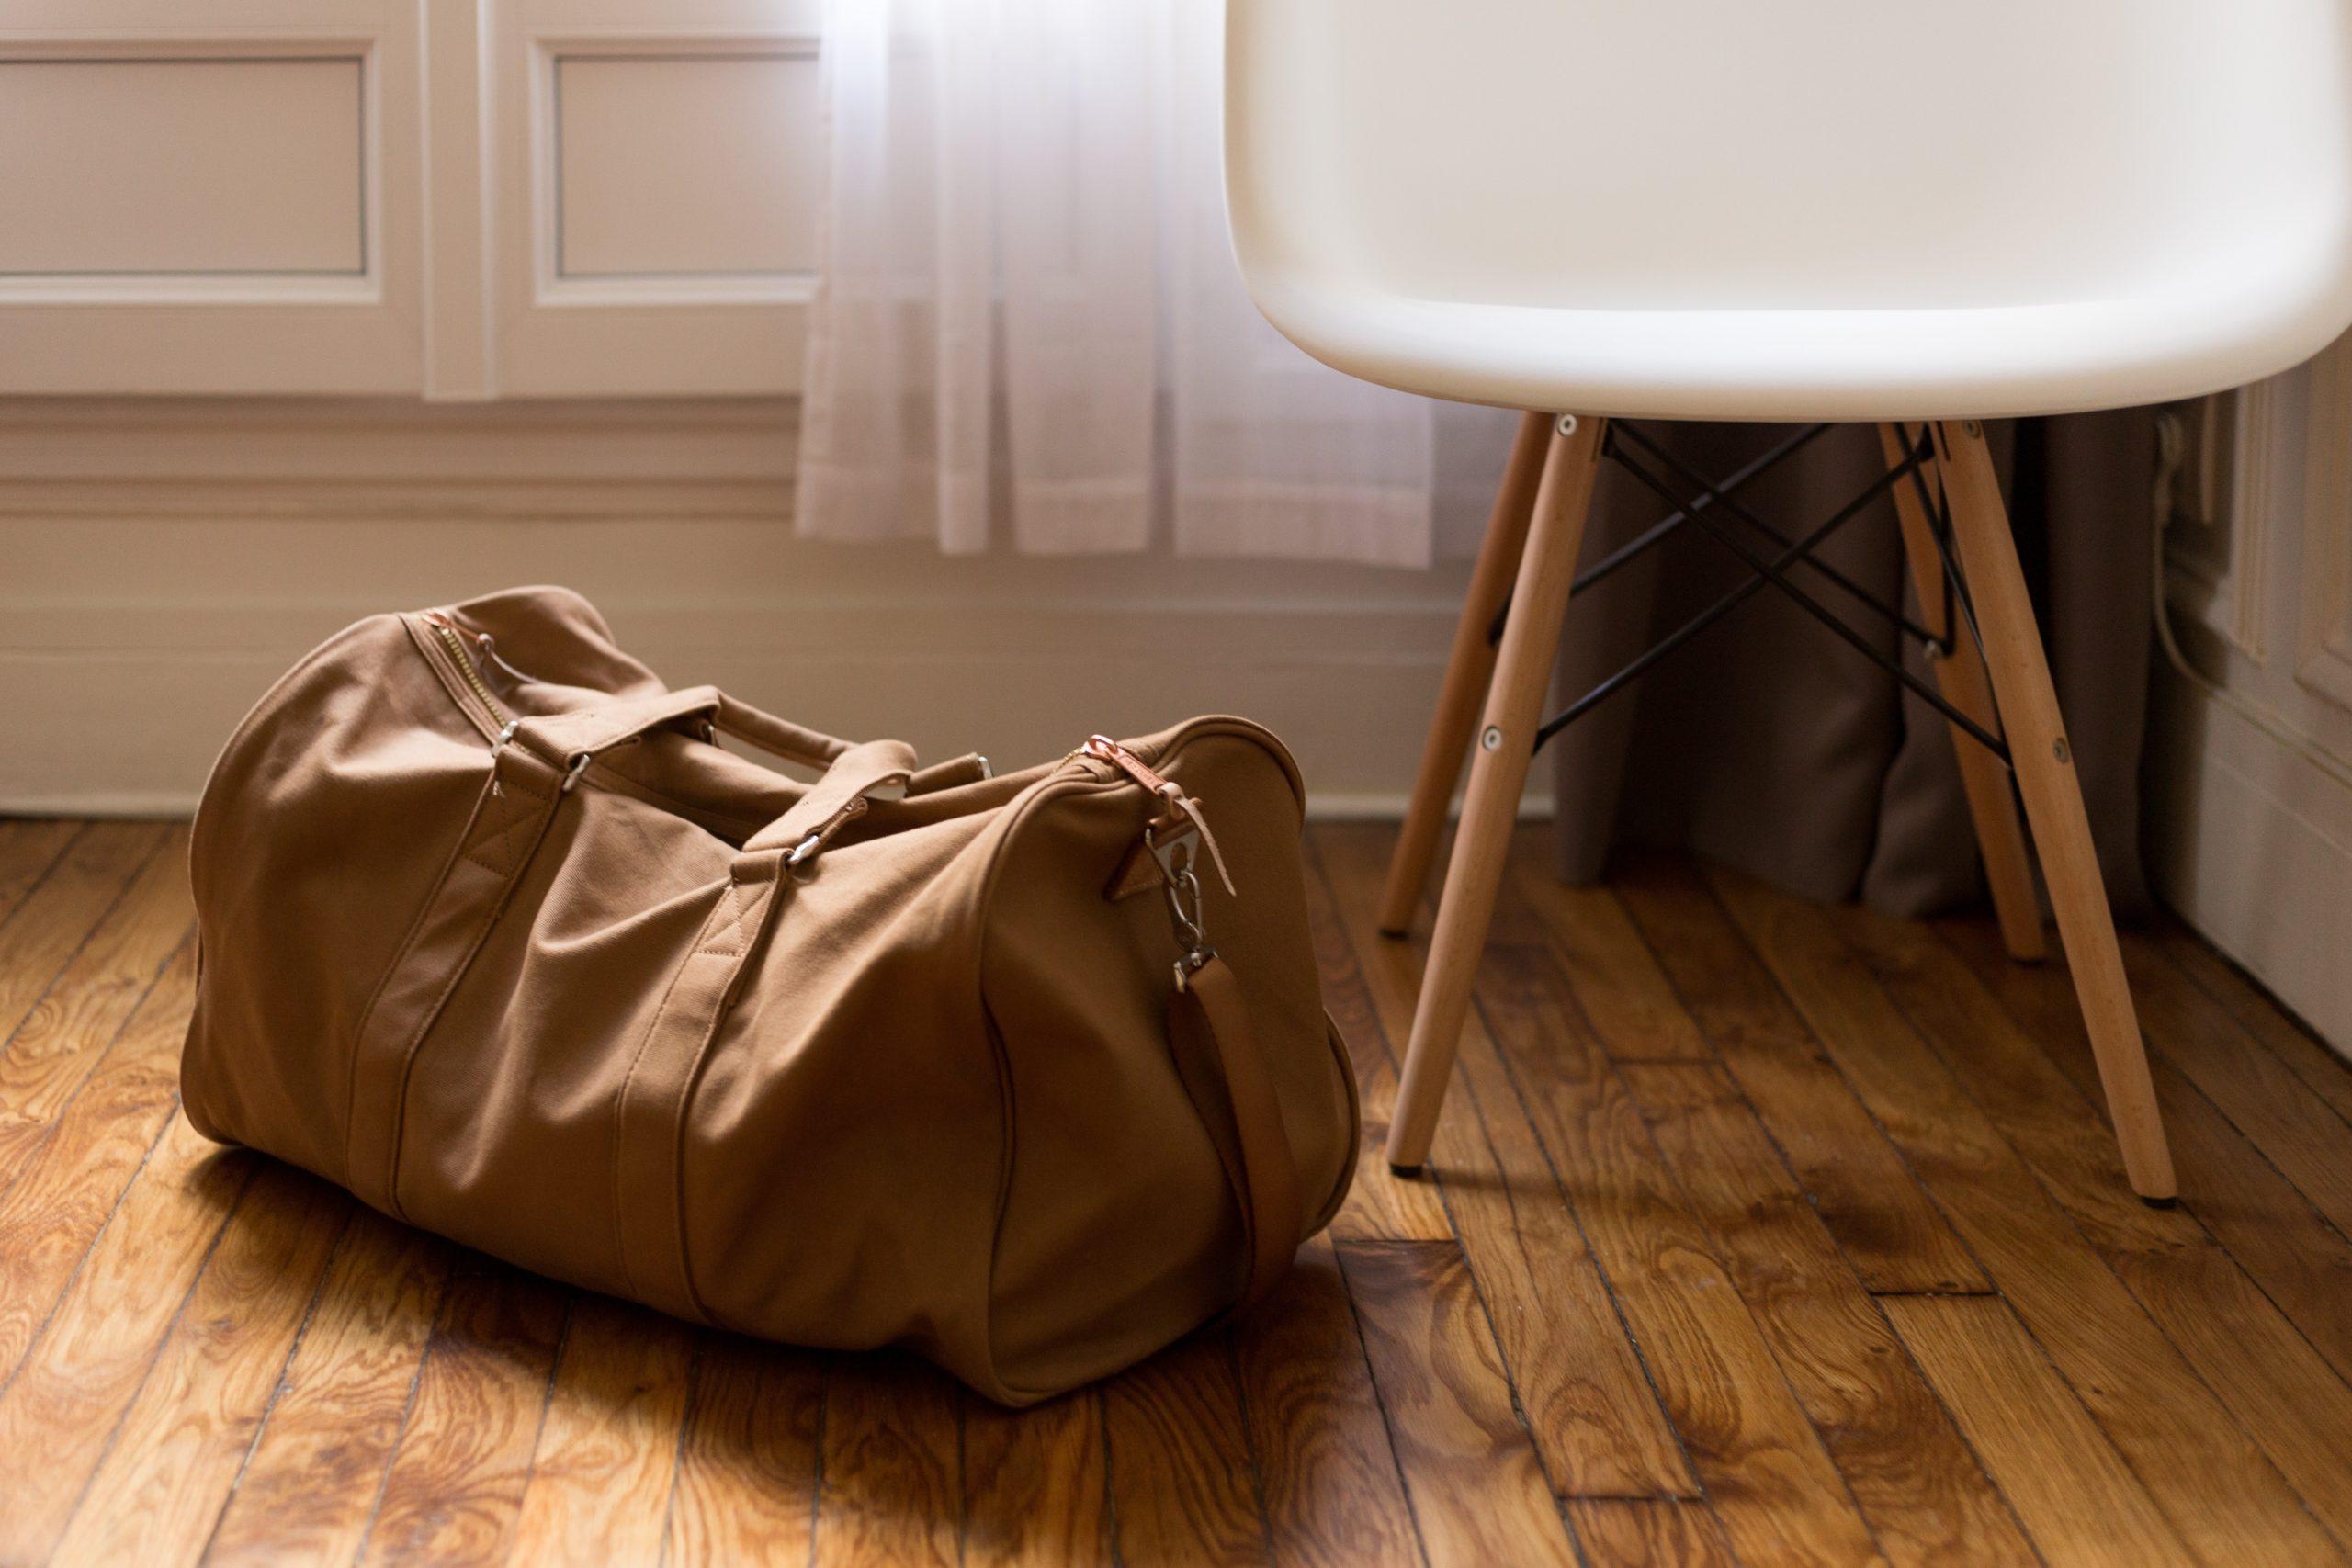 Täysi laukku lattialla tuolin vieressä.